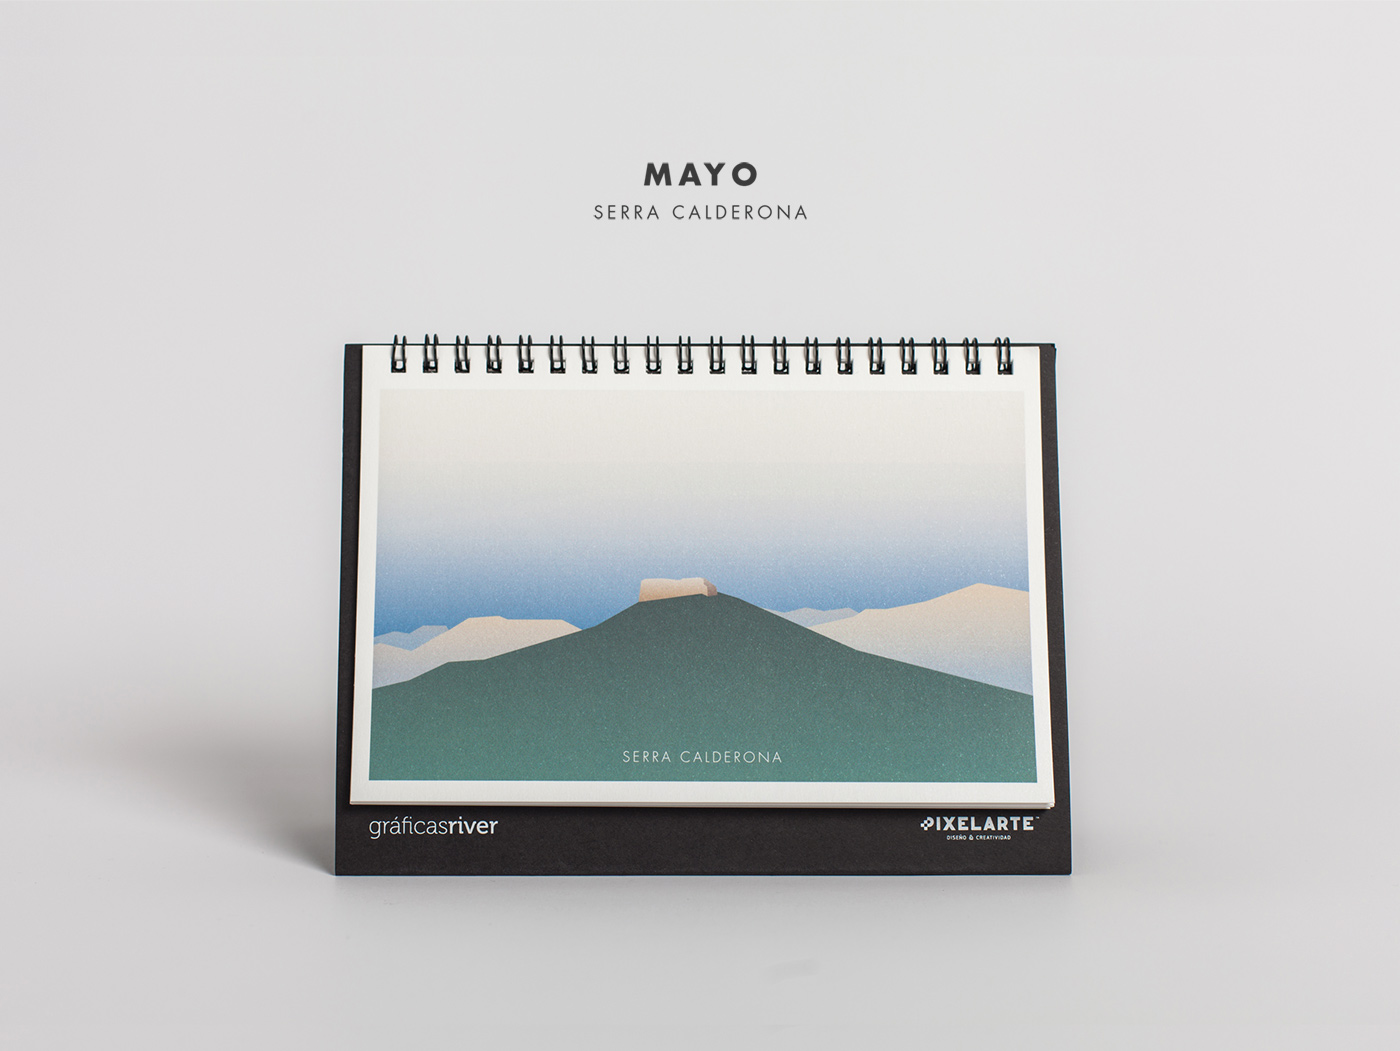 pixelarte-estudio-diseno-grafico-calendario-parques-comunidad_valenciana-mayo-2016